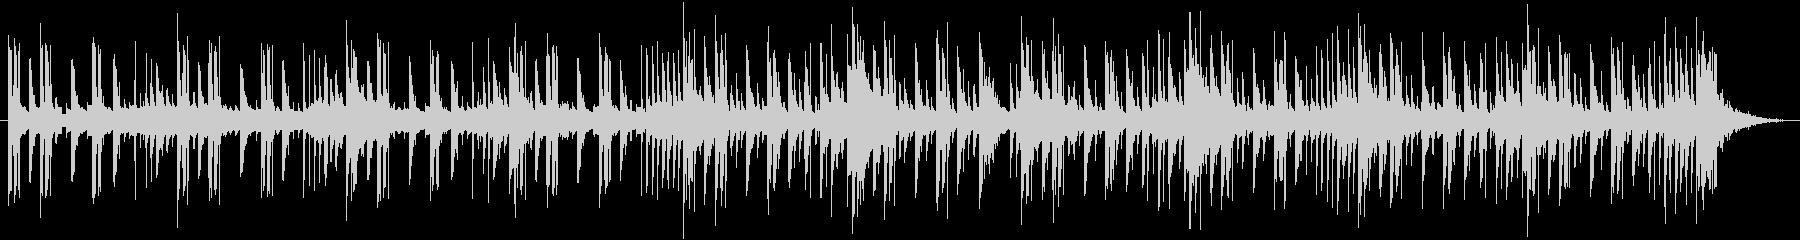 グルーブ14ファンキーパターン、ミ...の未再生の波形